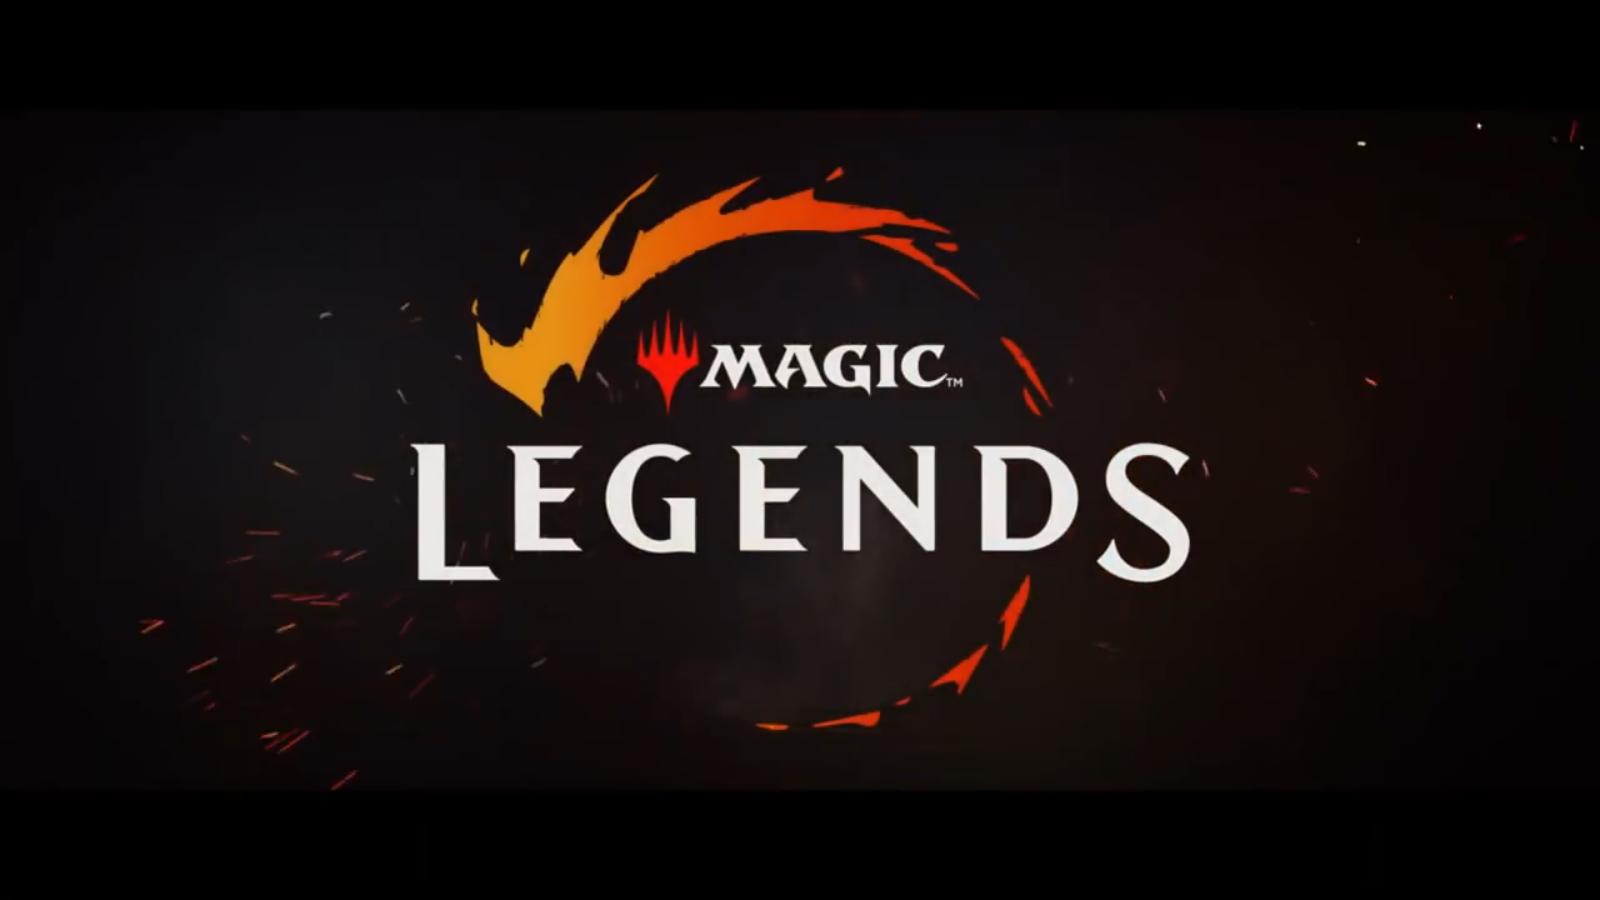 Annunciato Magic: Legends tramite un cinematic trailer